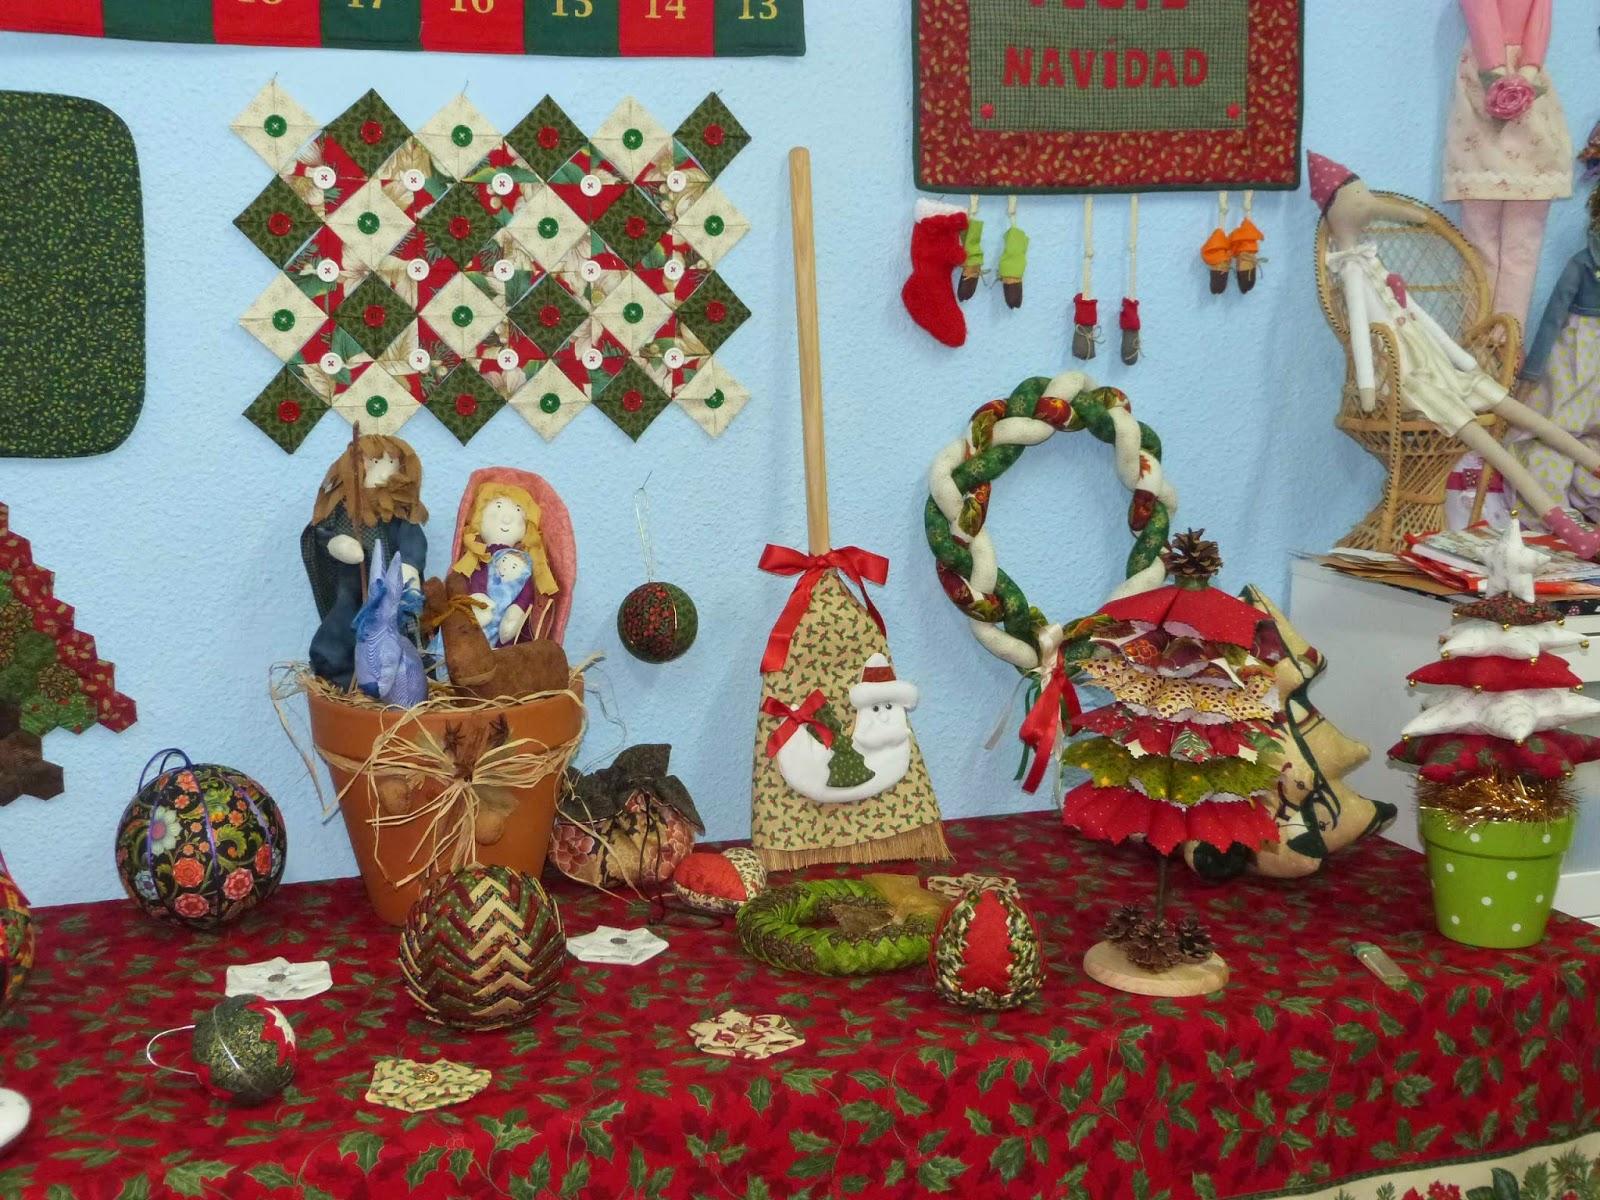 Geminispatch preparando los adornos de navidad - Los adornos navidenos ...